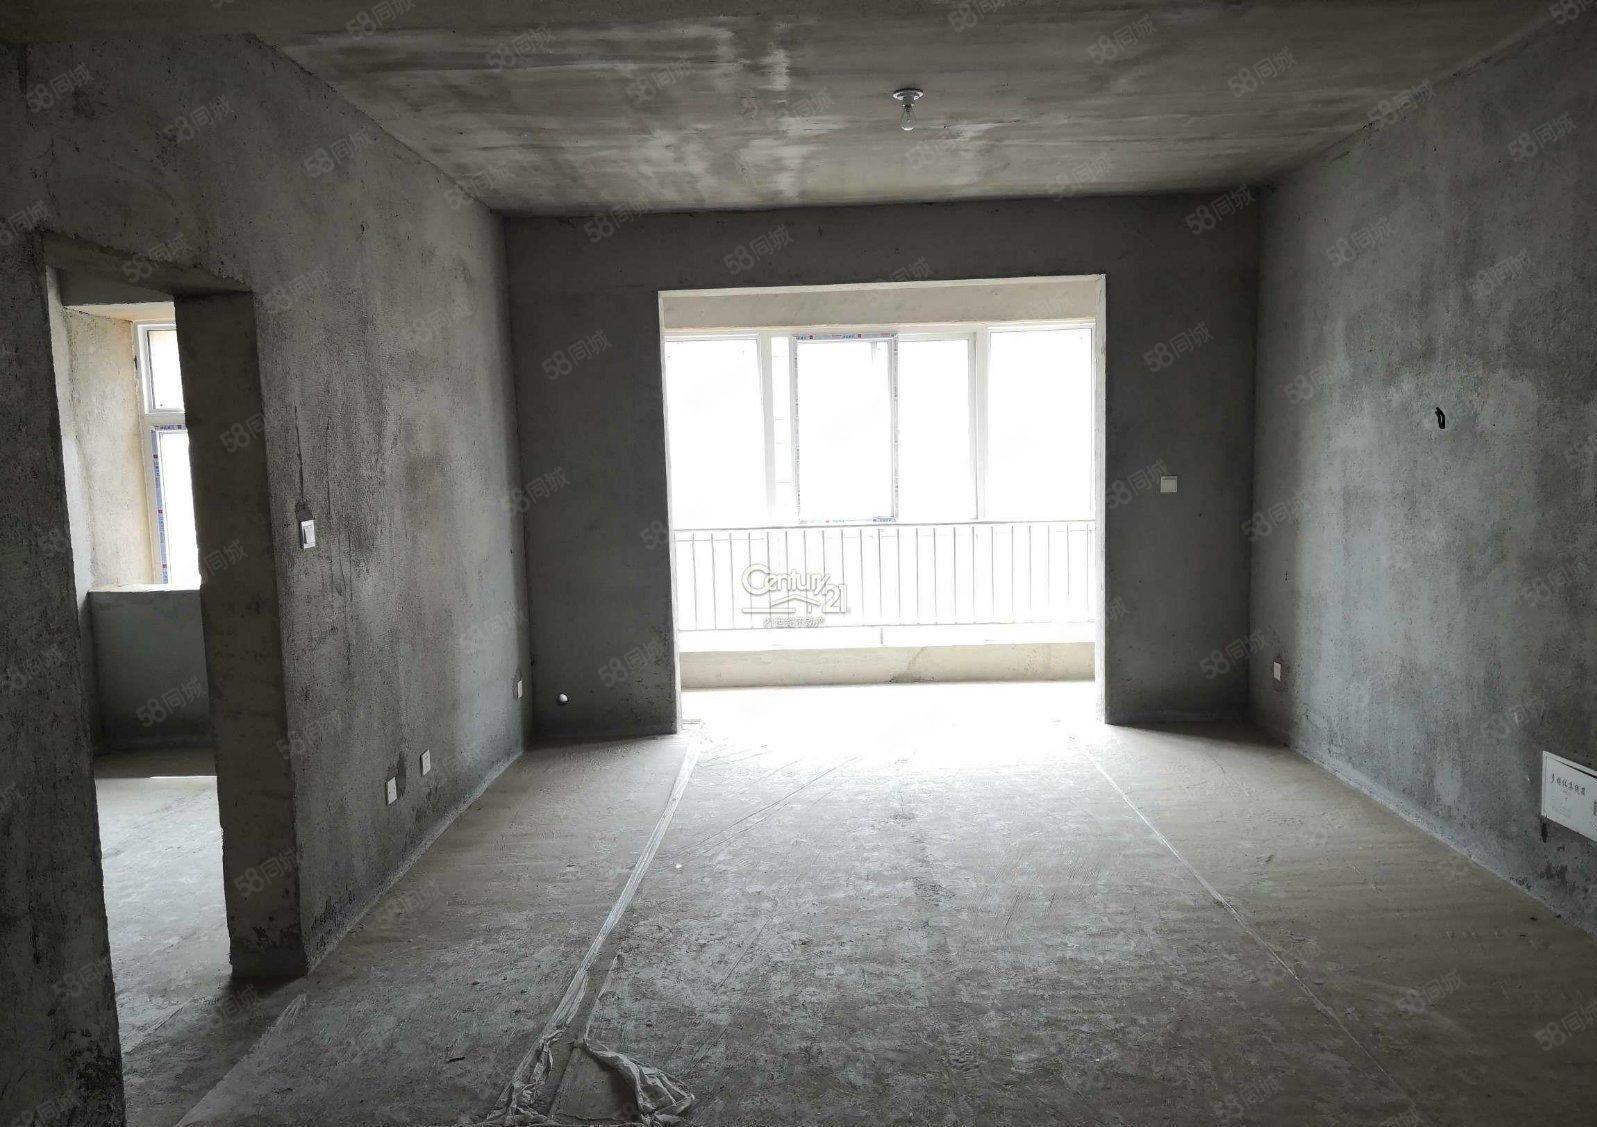 美高梅游戏西湖春天C区51万8洋房9楼急用钱错过就没有了